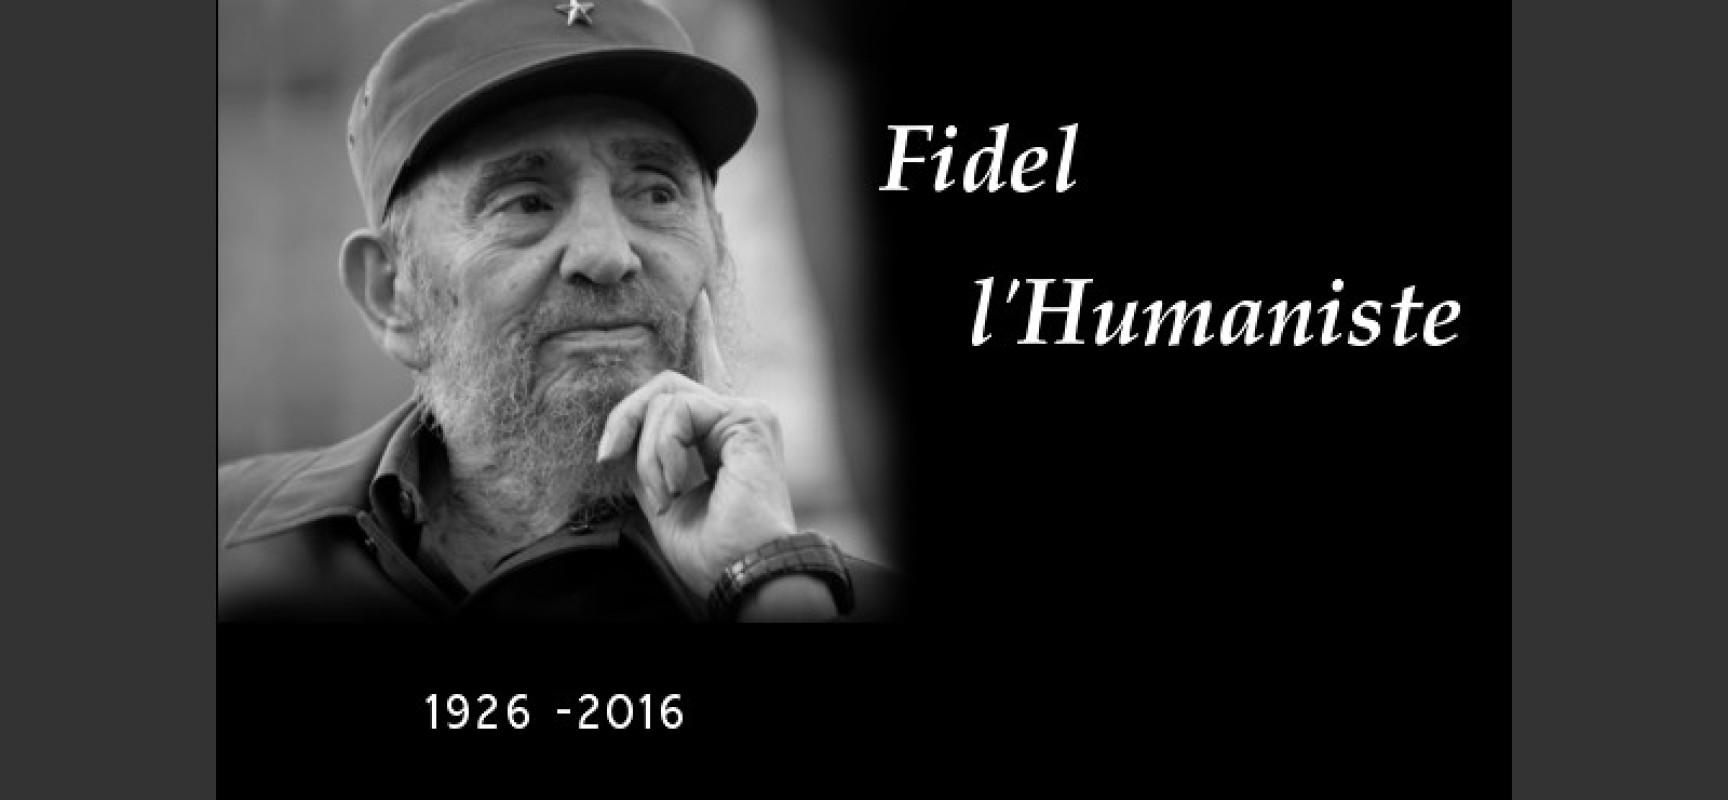 Fidel-lHumaniste-1728x800_c.jpg